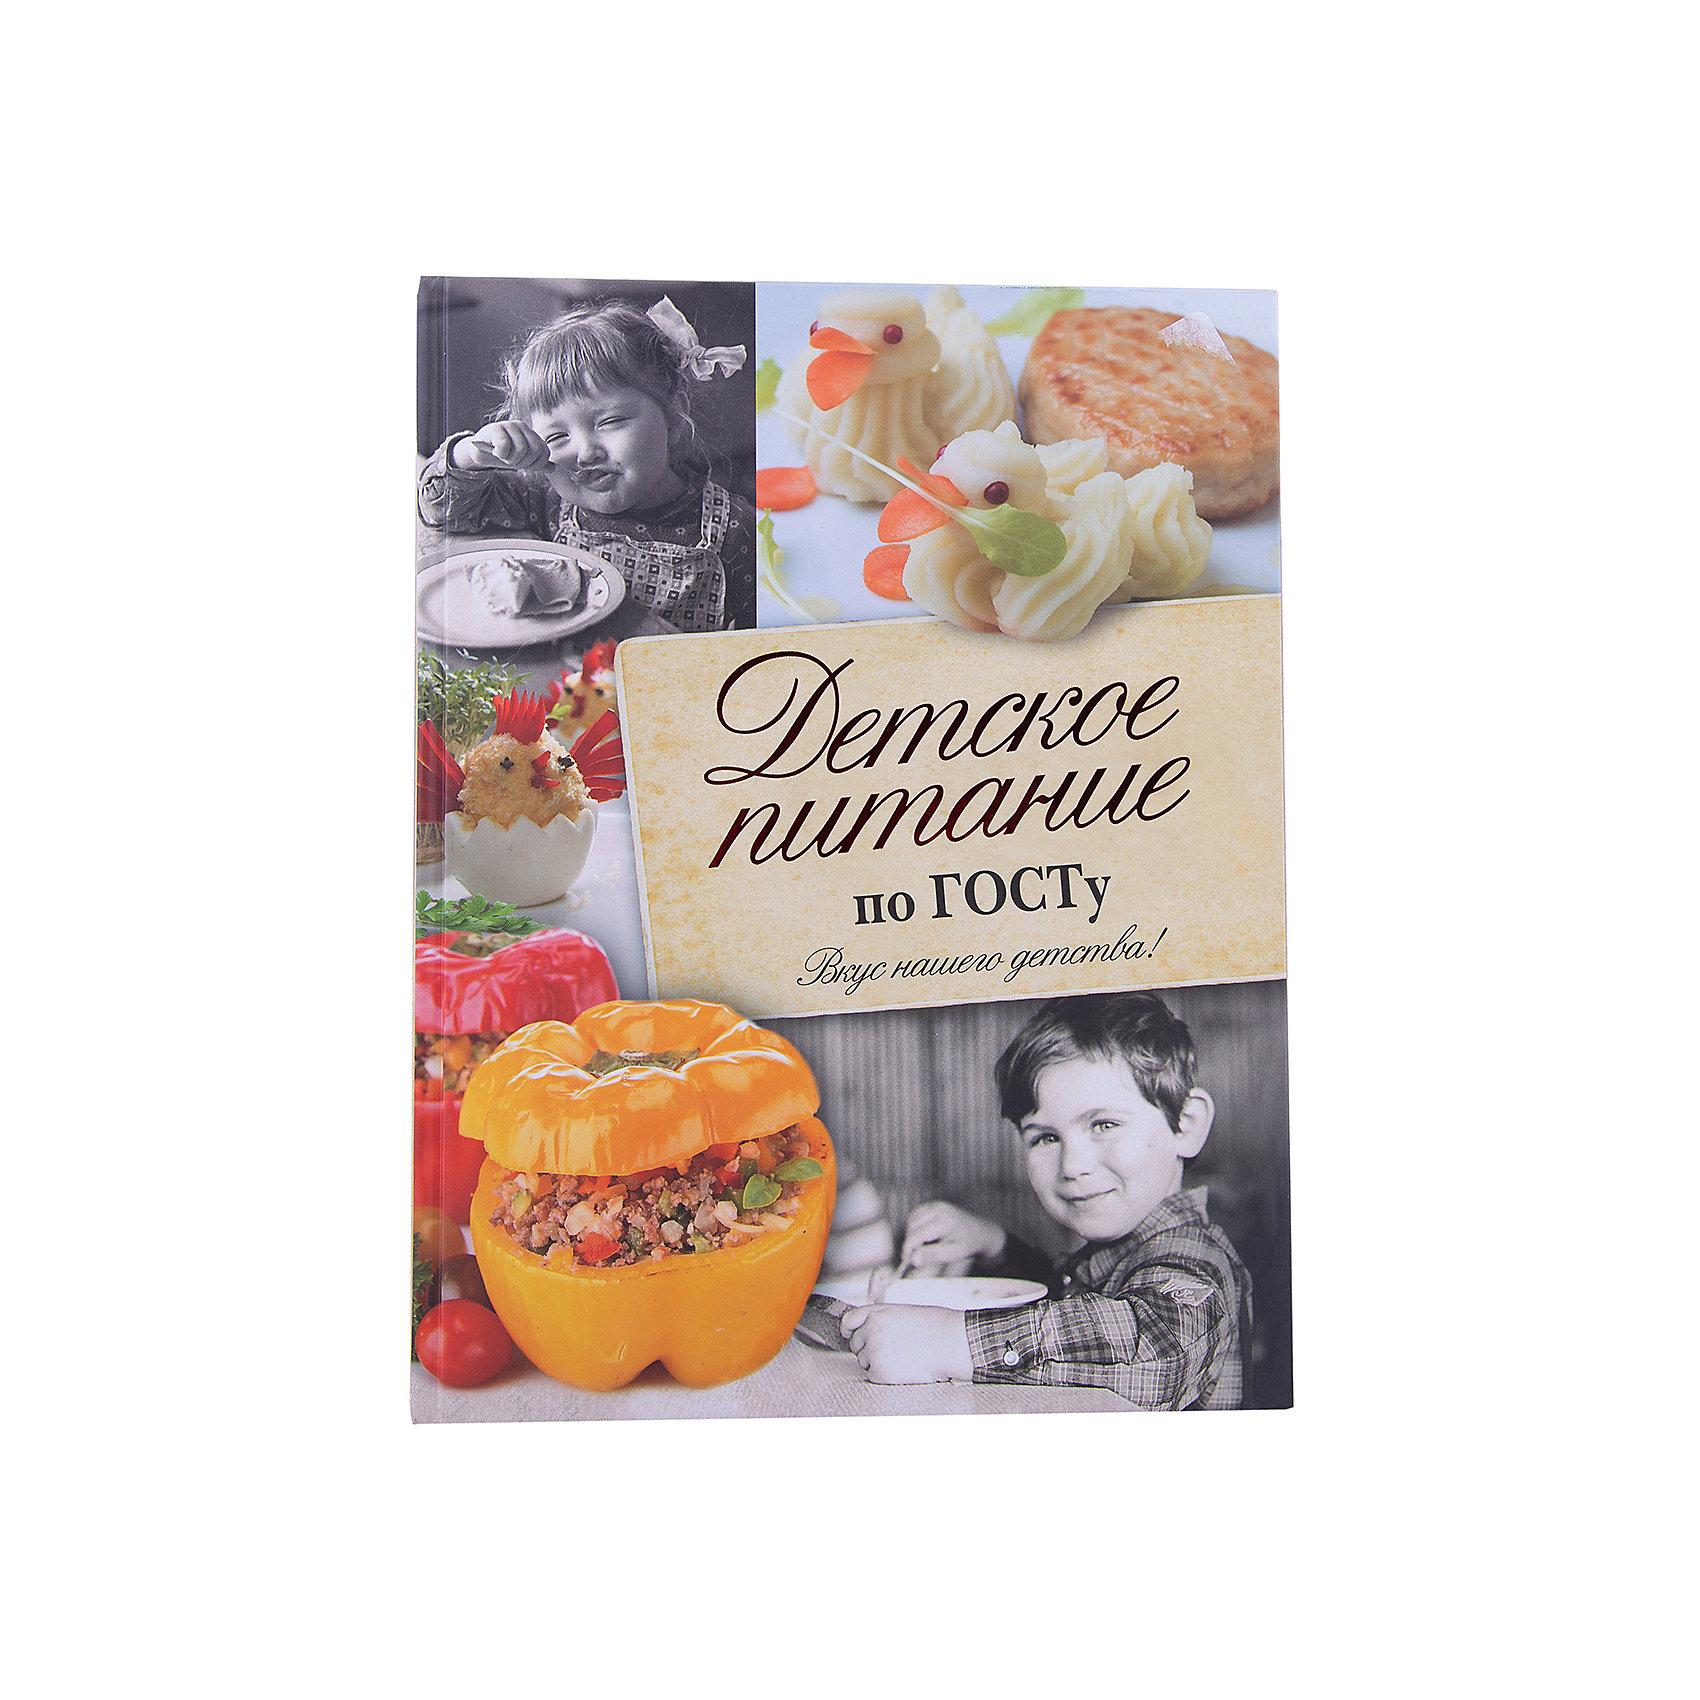 Детское питание по ГОСТуКулинария<br>Когда «деревья были большими», а мы – маленькими детьми, не было чипсов, хот-догов, колы и прочих вредных для здоровья блюд и напитков. Питание детей было не таким уж разнообразным, как сегодня, но гастритом, ожирением, сахарным диабетом и аллергиями дети болели редко.<br>Именно в СССР было впервые подобрано наилучшее для детского рациона соотношение белков, жиров и углеводов и определена суточная потребность в питательных веществах детей разных возрастов. <br>Значение имело все - подбор продуктов, состав блюд, объем порций, при этом учитывалось соотношение необходимых для растущего организма питательных веществ и соответствие технологии приготовления возрастным особенностям организма.<br>Именно этими данными и сегодня пользуются многие «звезды» диетологии, выдавая советские разработки за свои идеи.<br>Авторы книги предлагают ту самую оптимальную систему детского питания, чтобы и сегодня вы могли кормить своих детей вкусной                    и по-настоящему здоровой пищей!<br><br>Ширина мм: 255<br>Глубина мм: 197<br>Высота мм: 160<br>Вес г: 819<br>Возраст от месяцев: 216<br>Возраст до месяцев: 2147483647<br>Пол: Унисекс<br>Возраст: Детский<br>SKU: 6848290